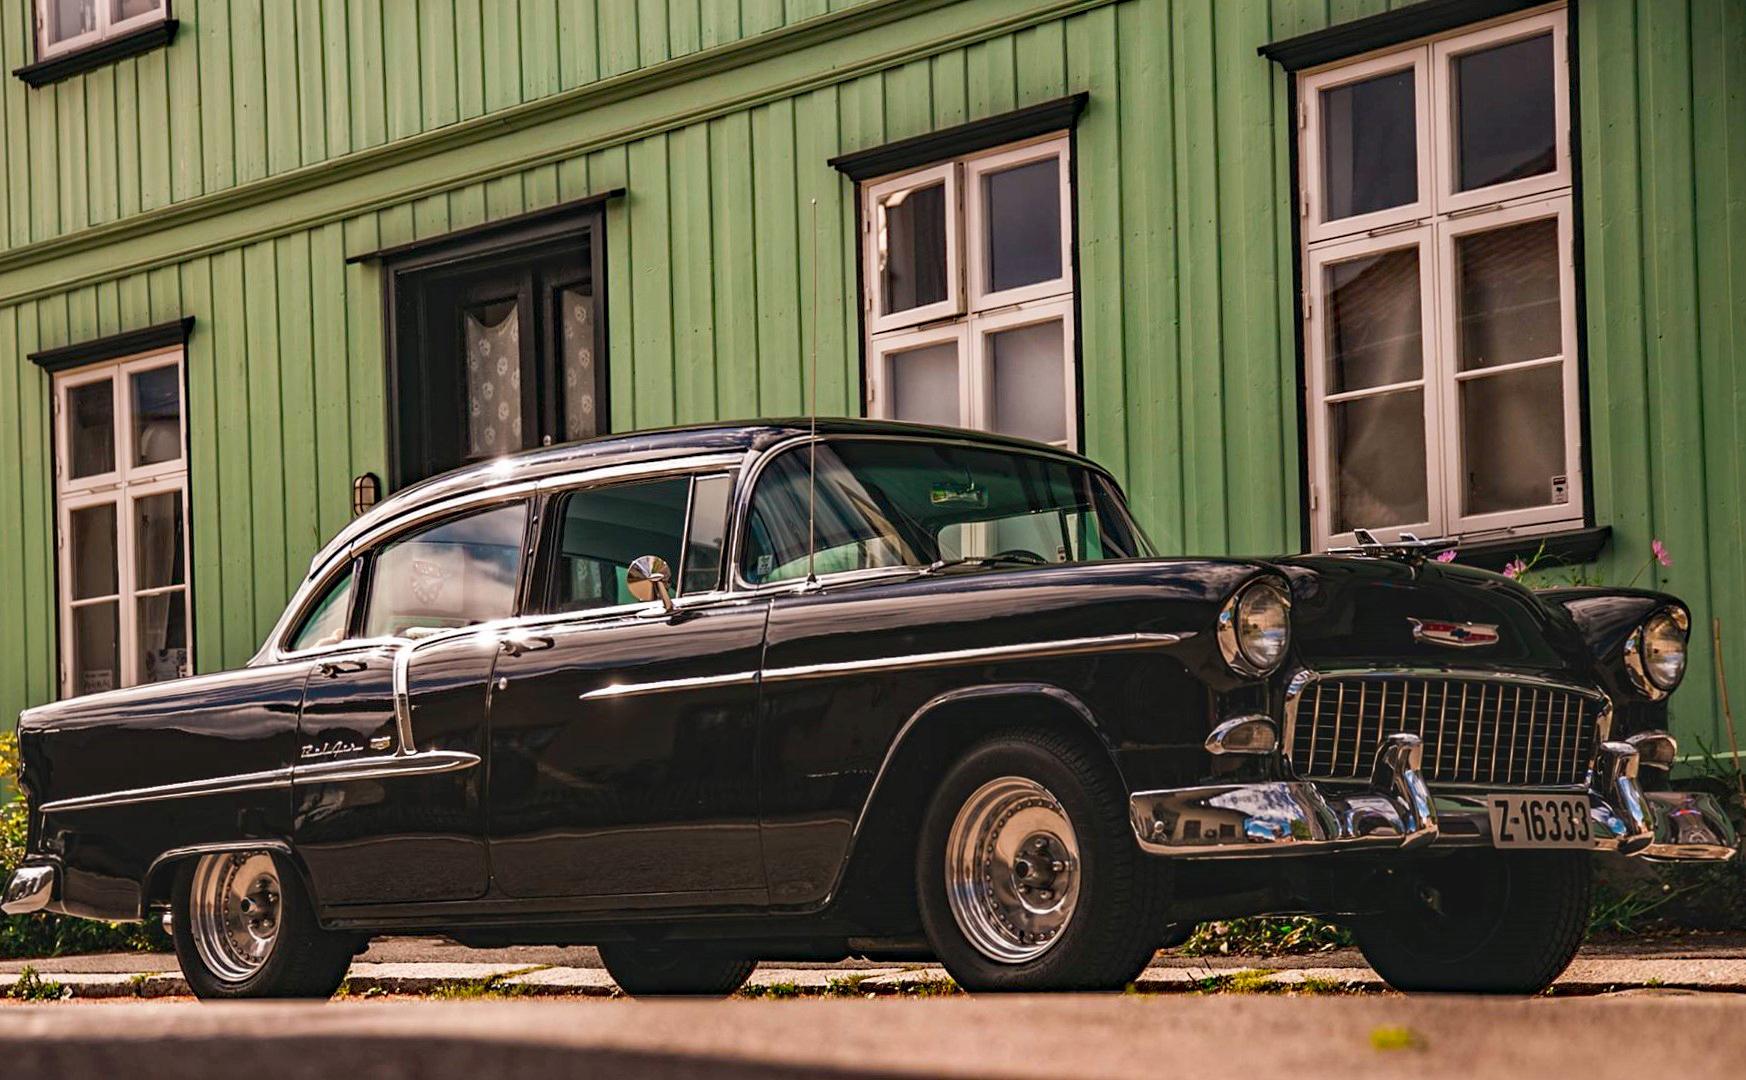 263-1955 Chevrolet Bel Air 01. Eier- medlem 263 Be